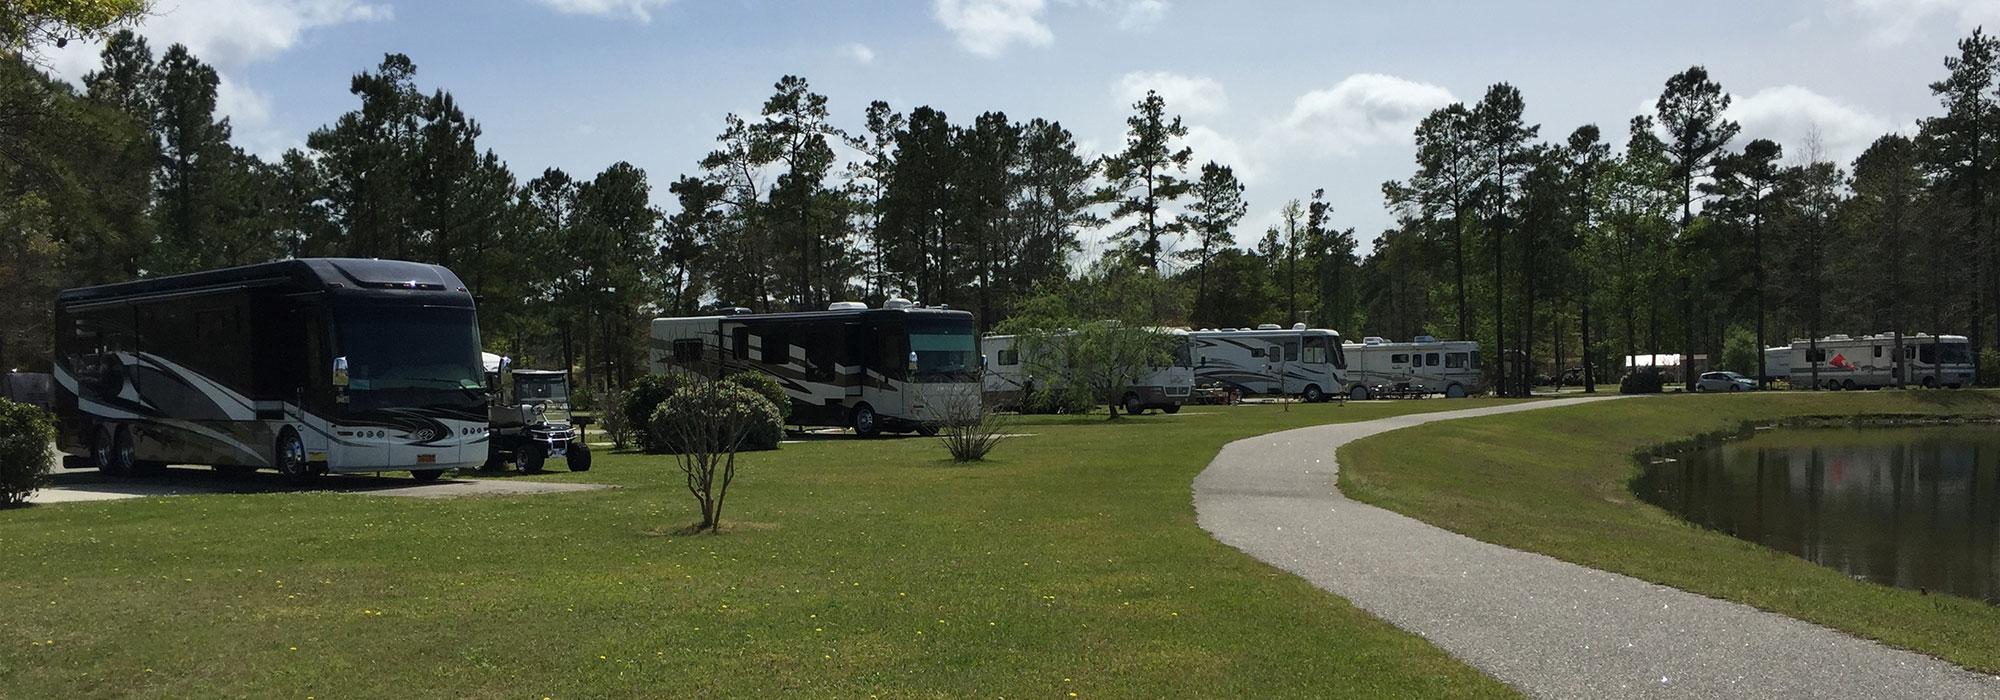 Rv And Camper Rentals In Myrtle Beach Sc